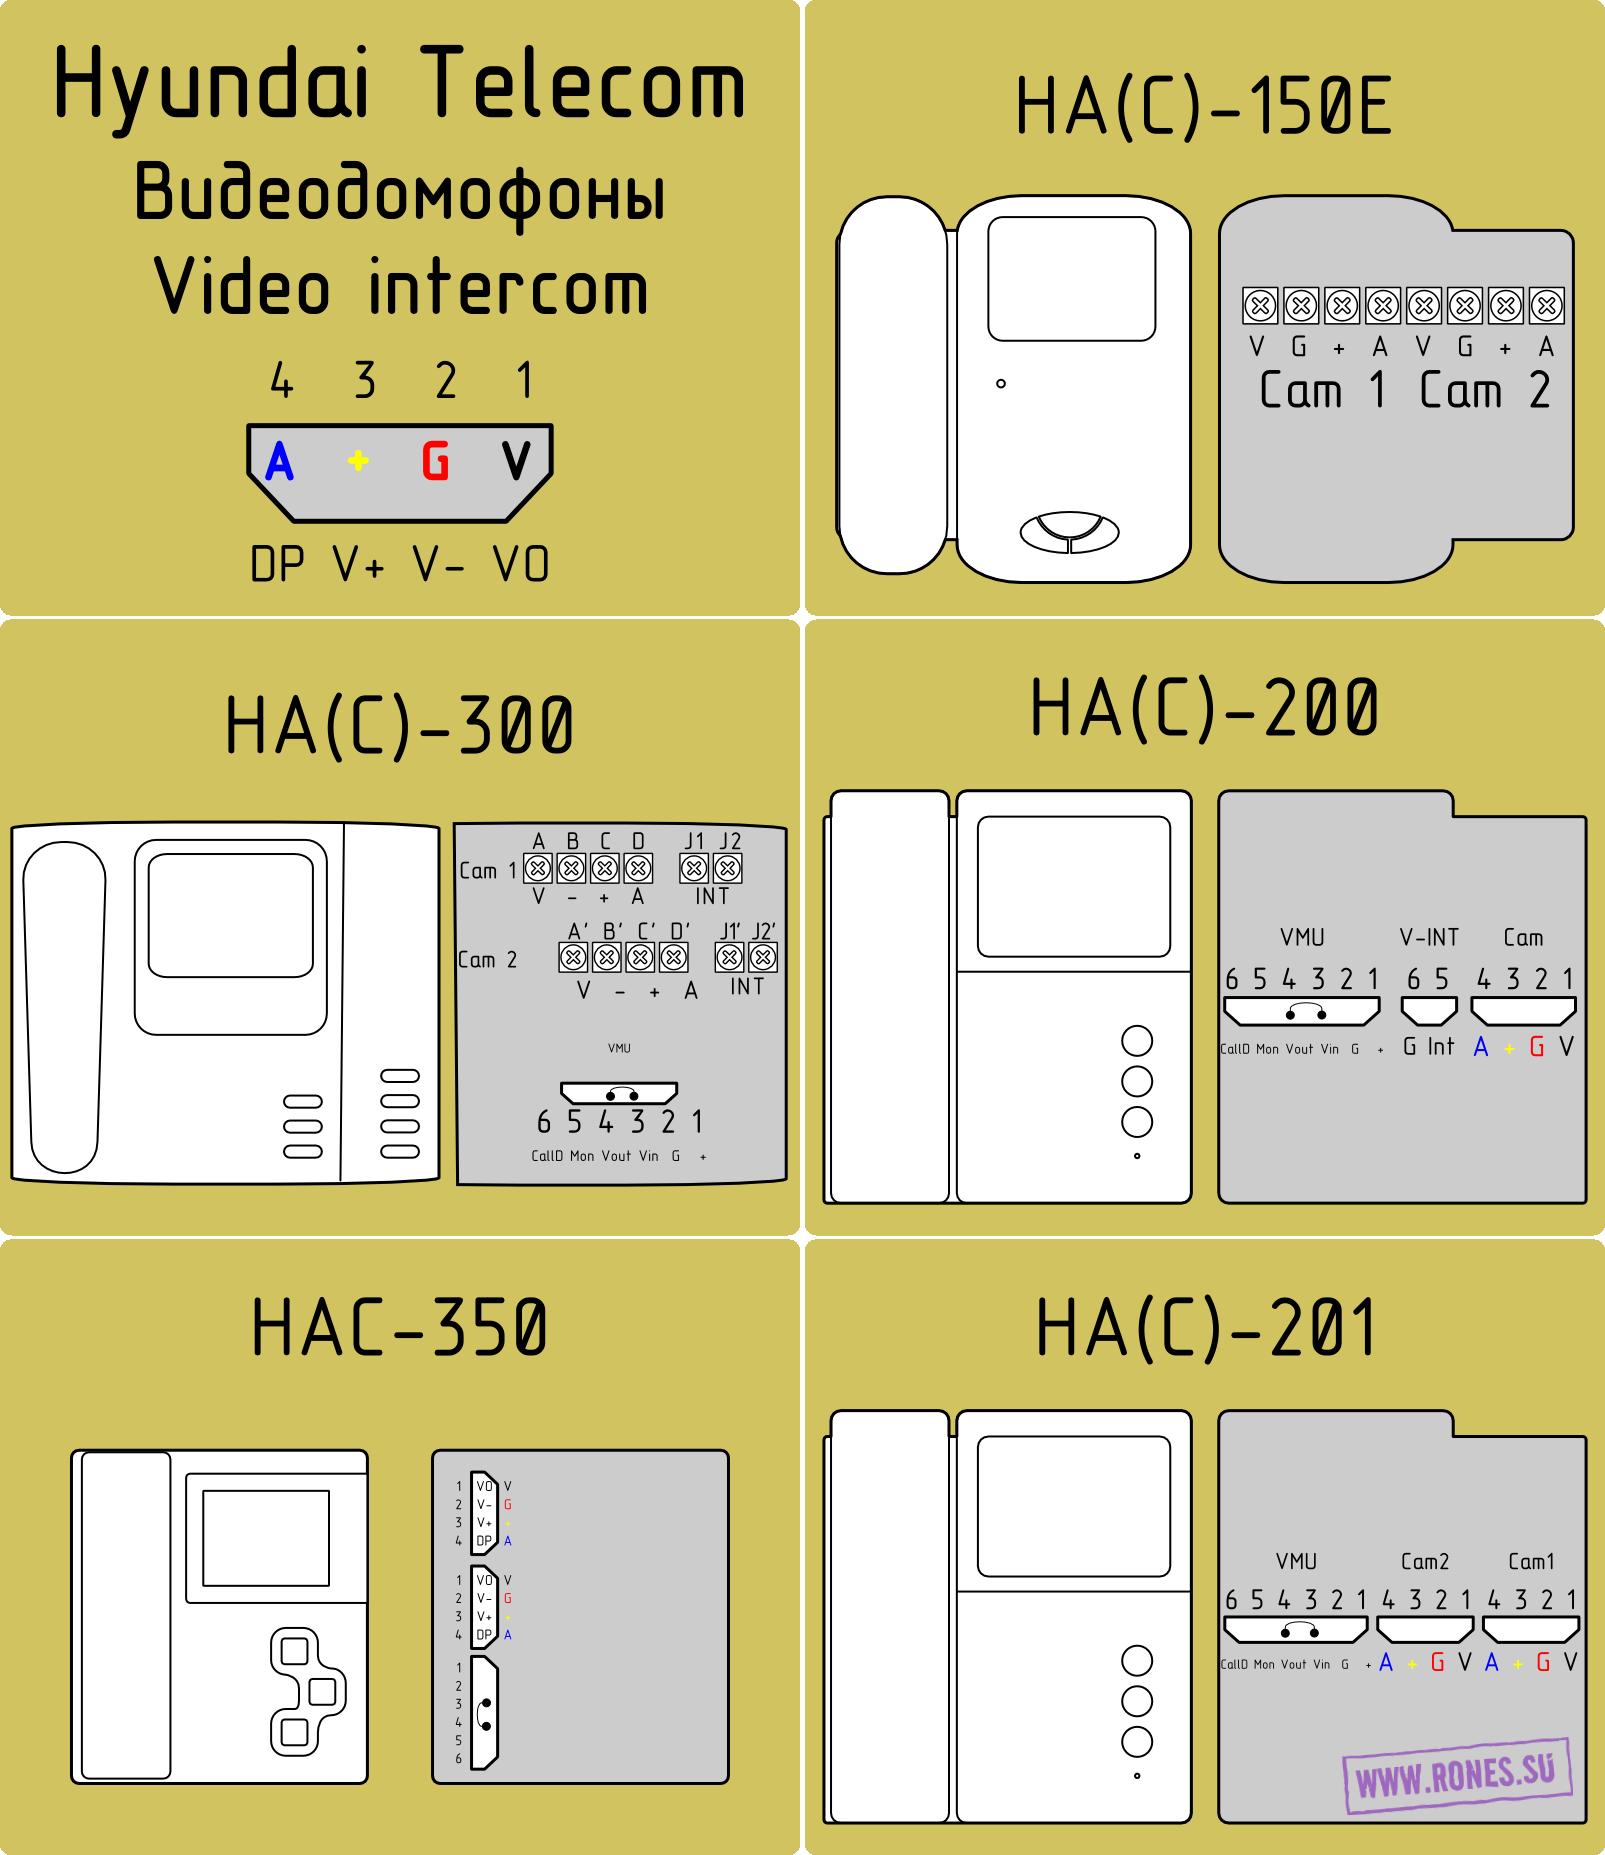 домофон hyundai hac-150e схема